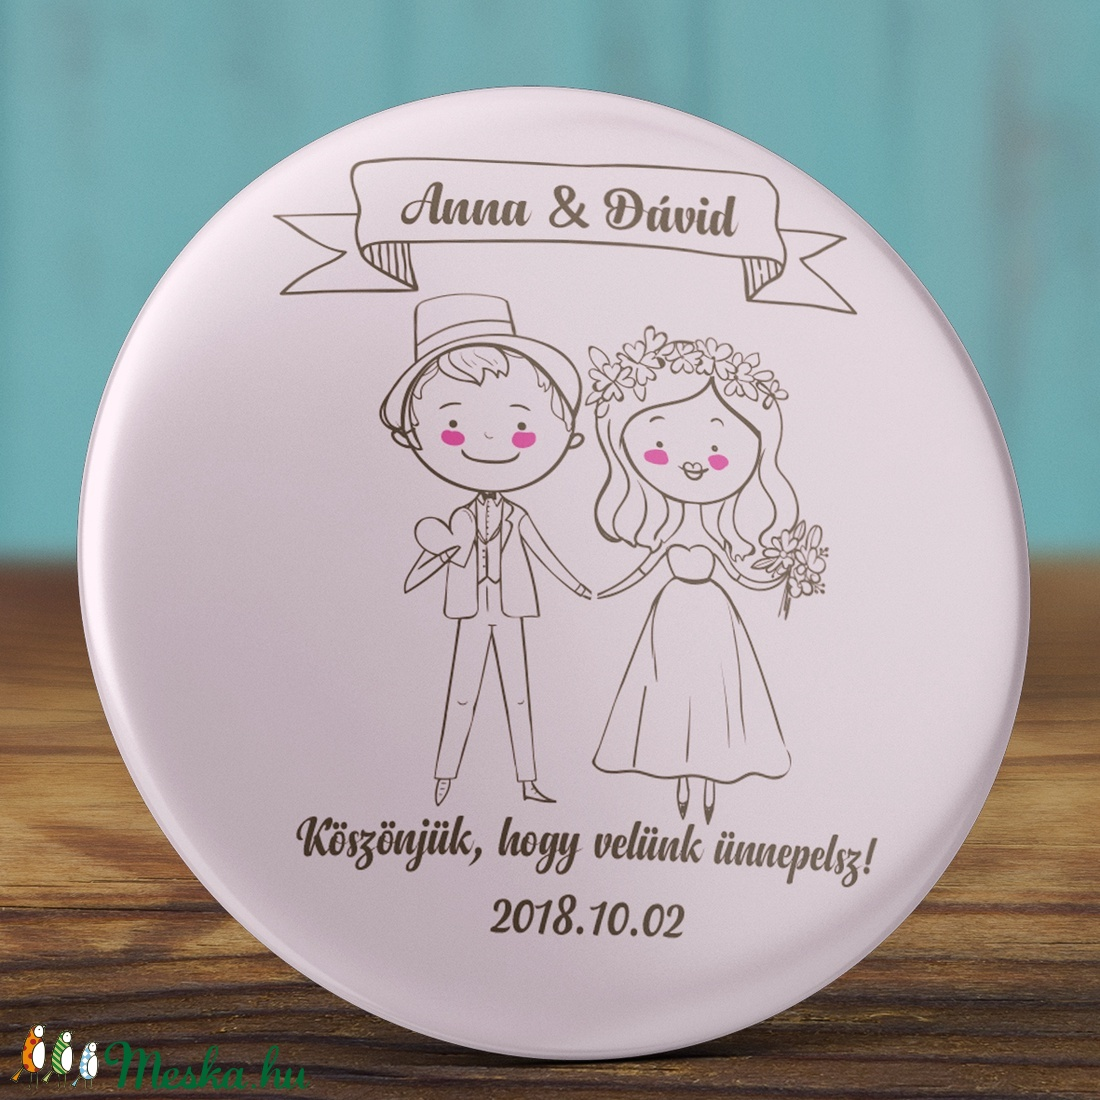 Esküvői köszönet ajándék hűtőmágnes - Esküvői köszönőajándék mágnes (AngelPin) - Meska.hu